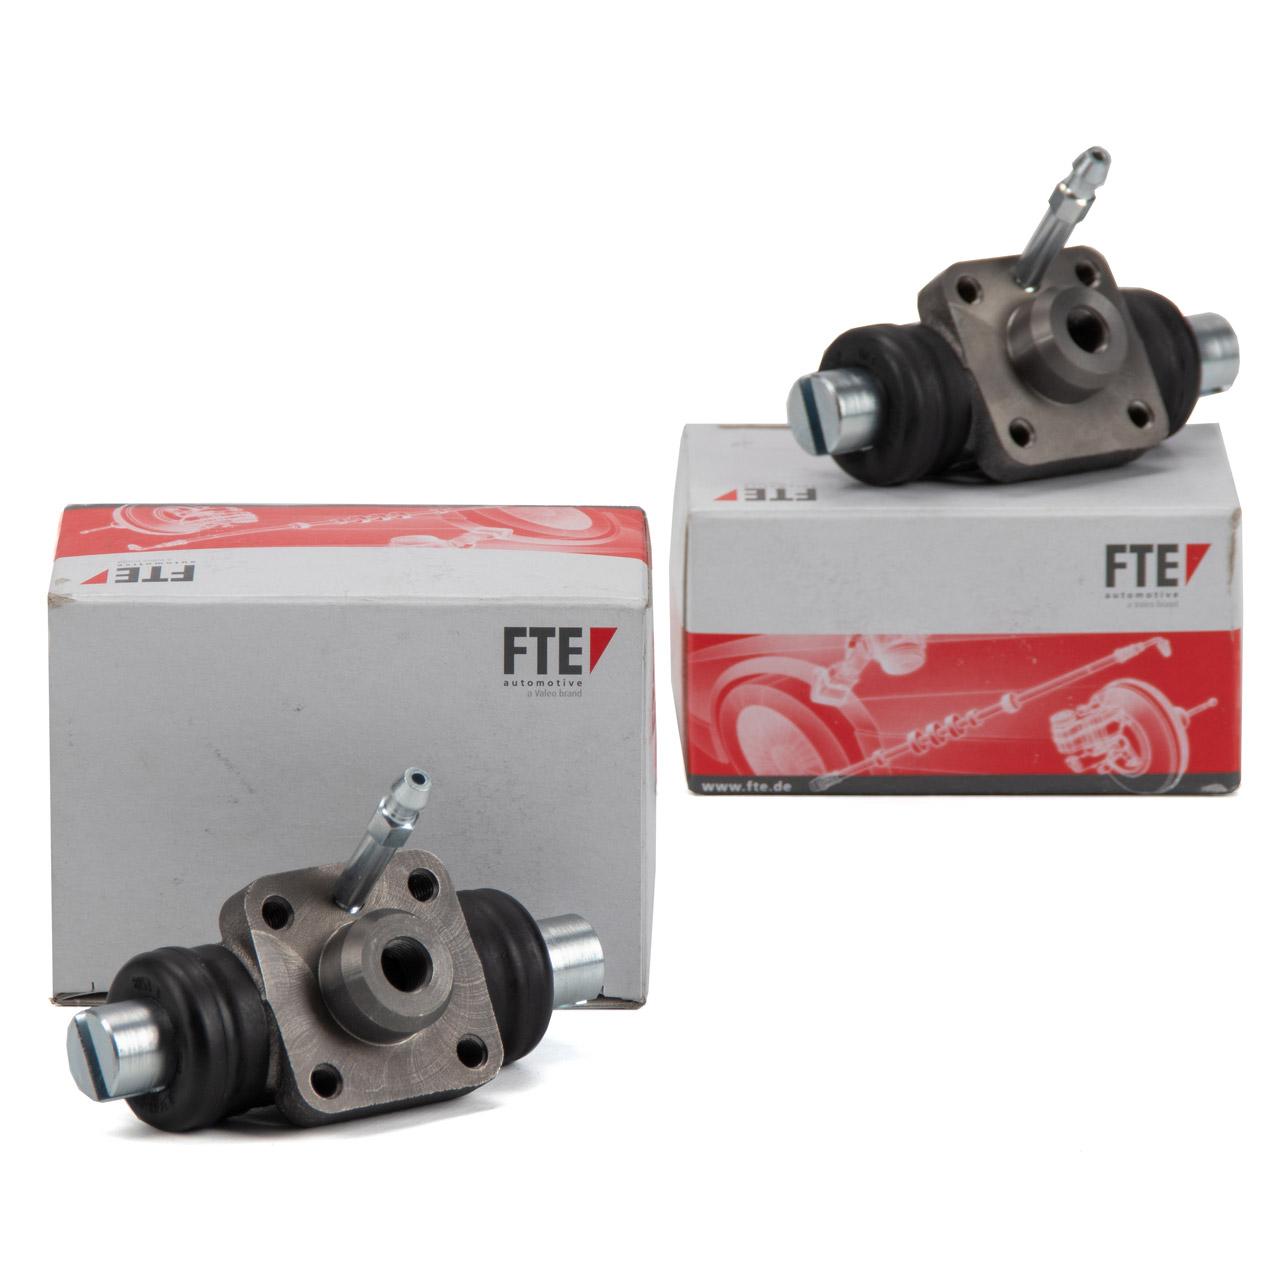 2x FTE Radbremszylinder PORSCHE 356 Cabrio 1100-1500 A1500 A1600 B1600 hinten 64435251301